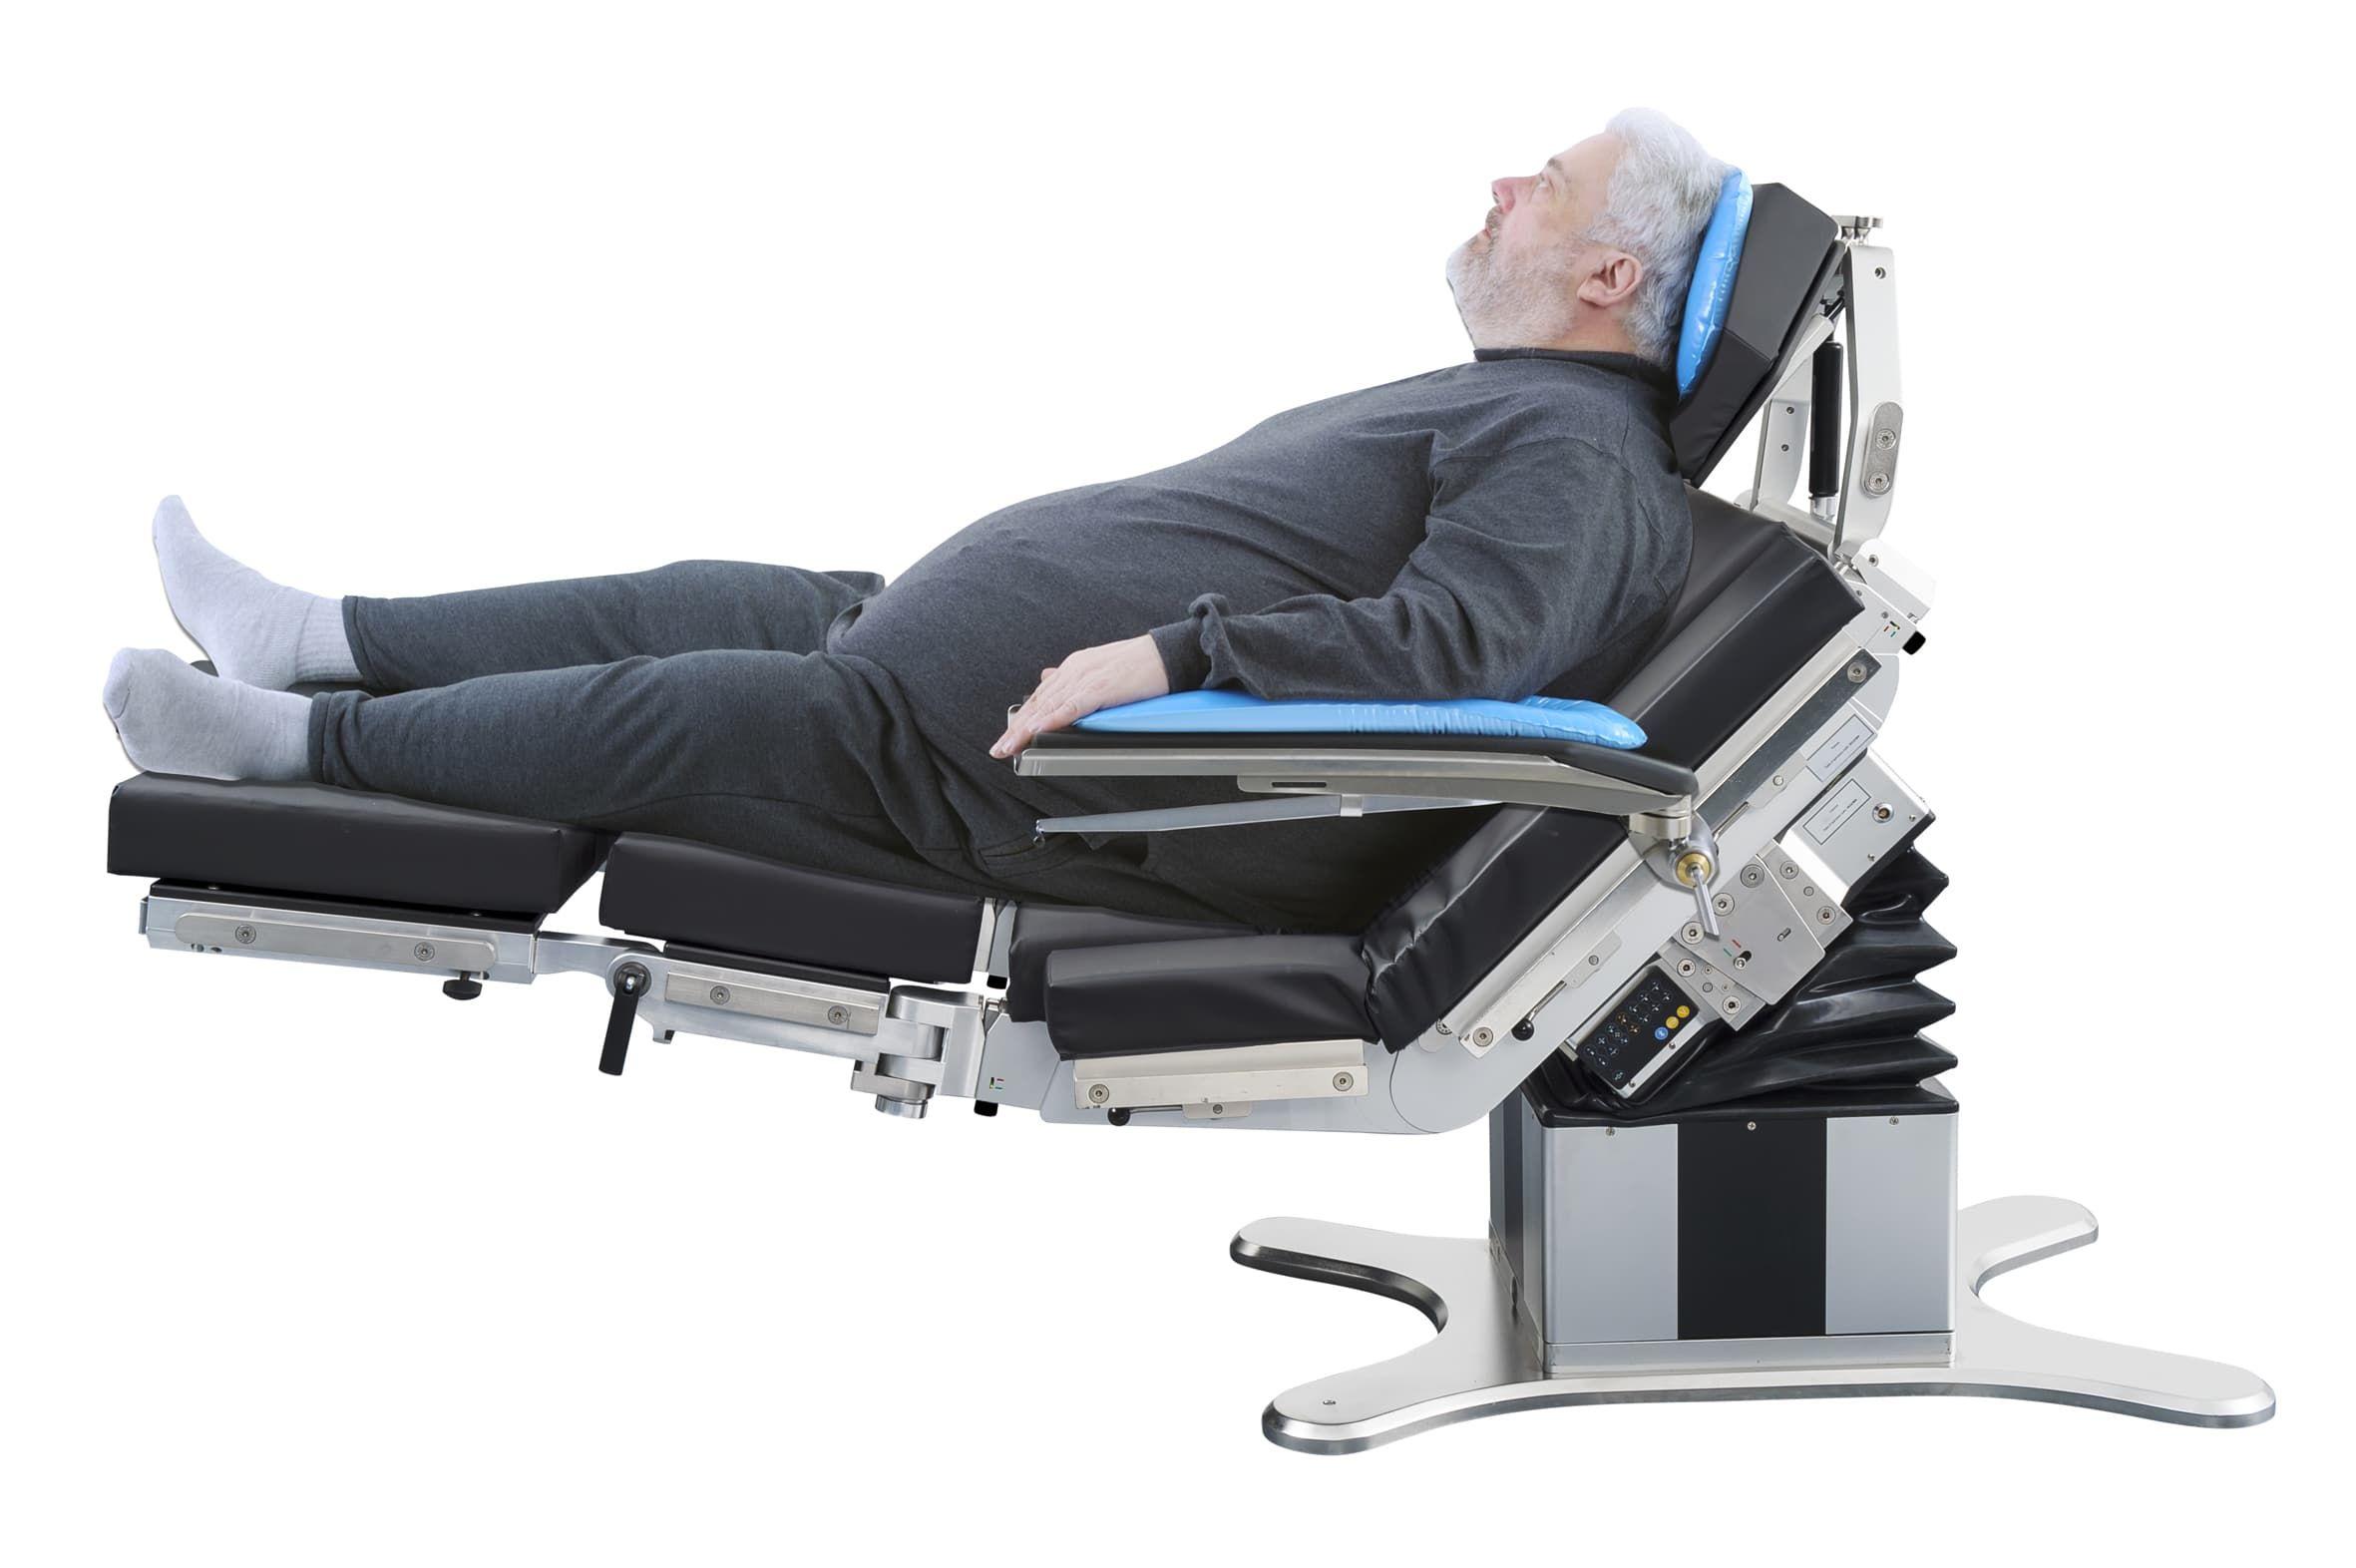 Операционный стол для бариатрии